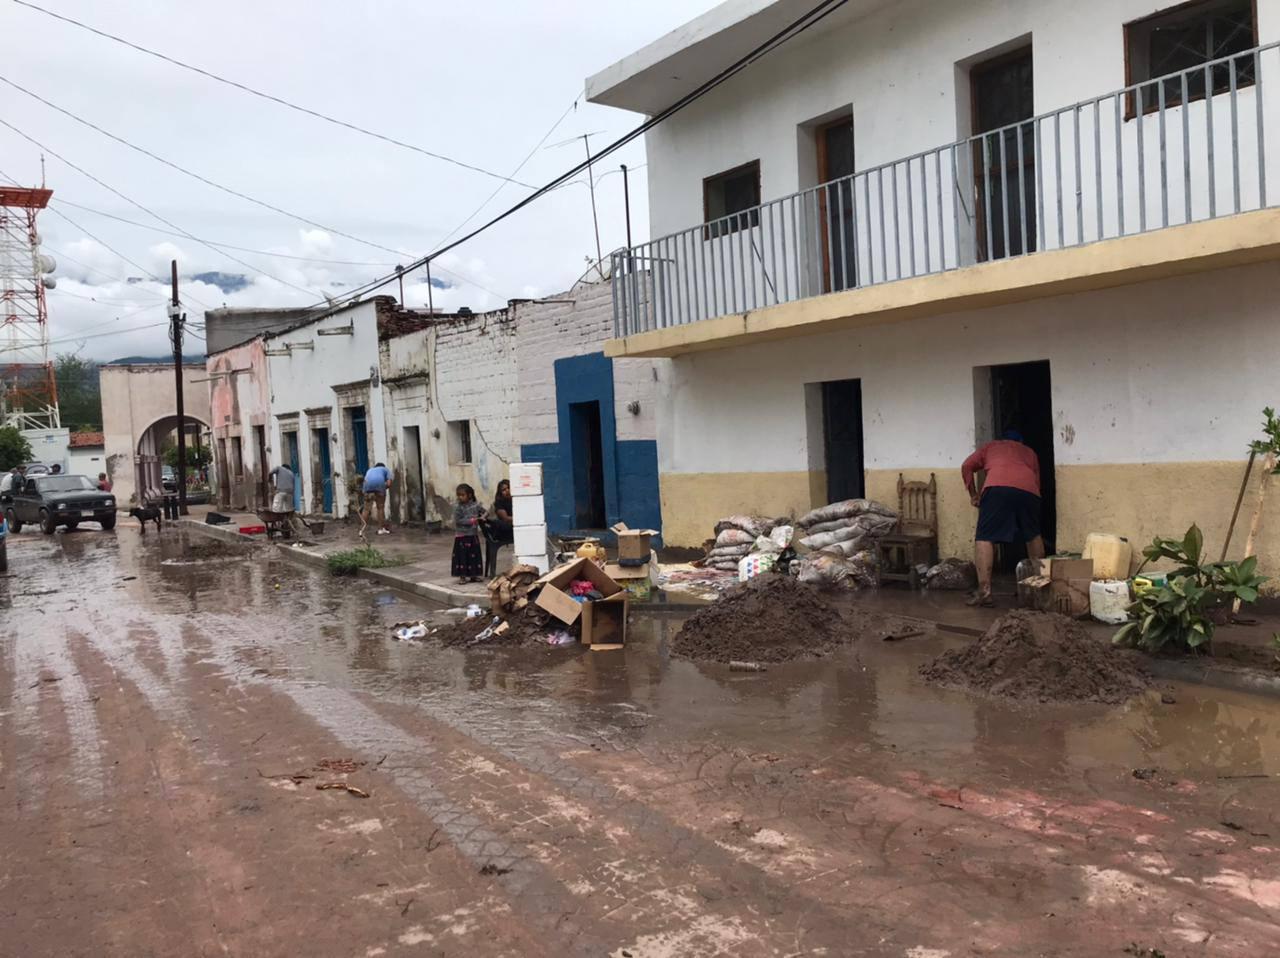 Protección Civil Jalisco brinda apoyo a población afectada por el desbordamiento del Arroyo La Tecolota en Chimaltitán